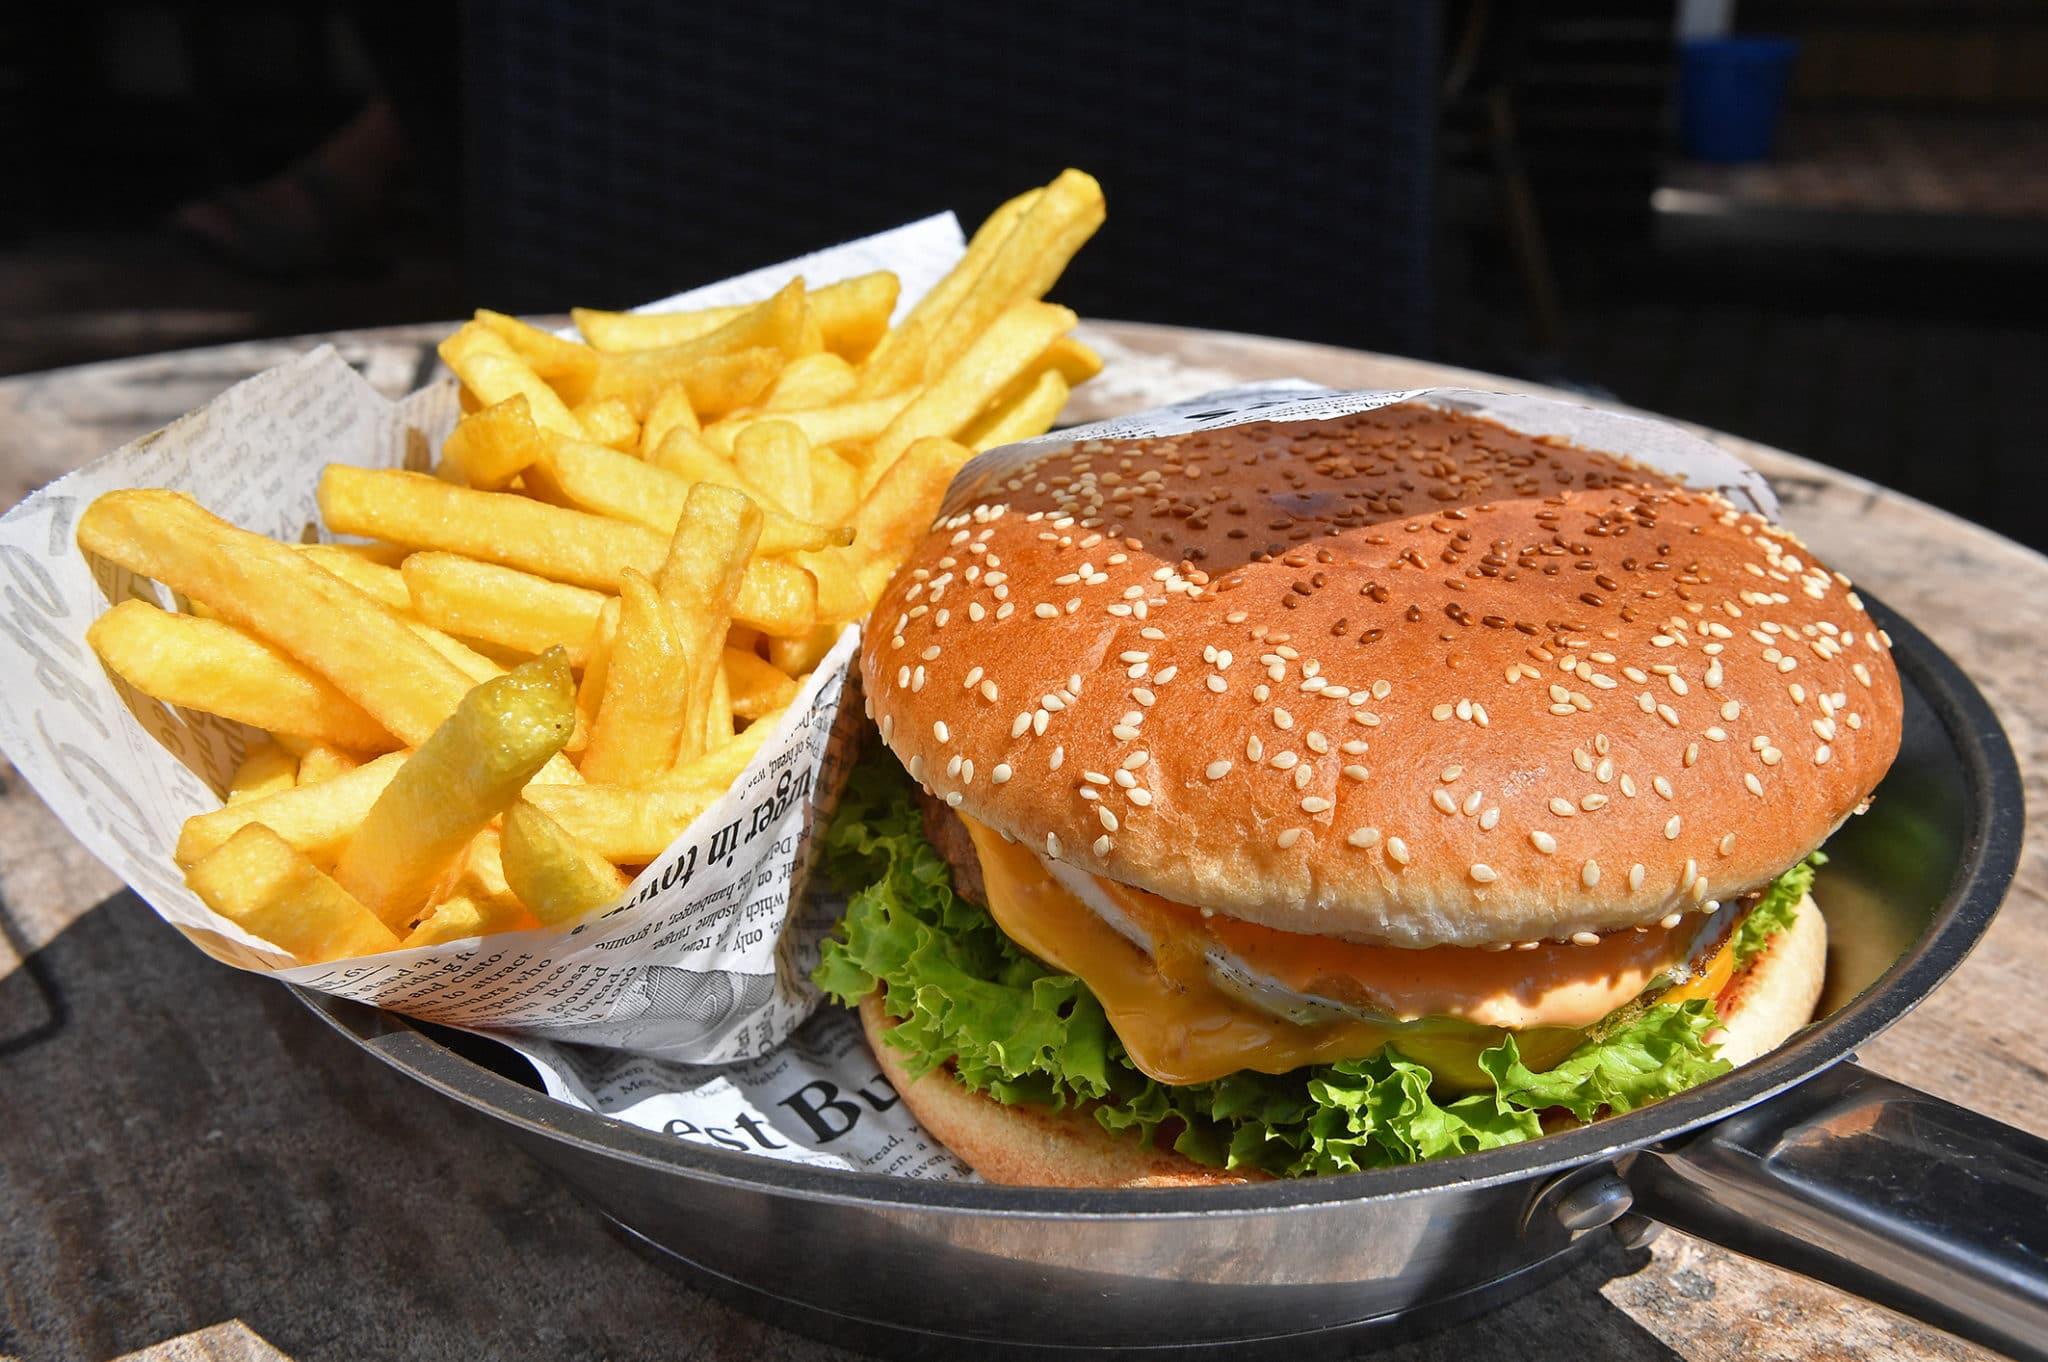 Große_Liebe_Omlette_Burger